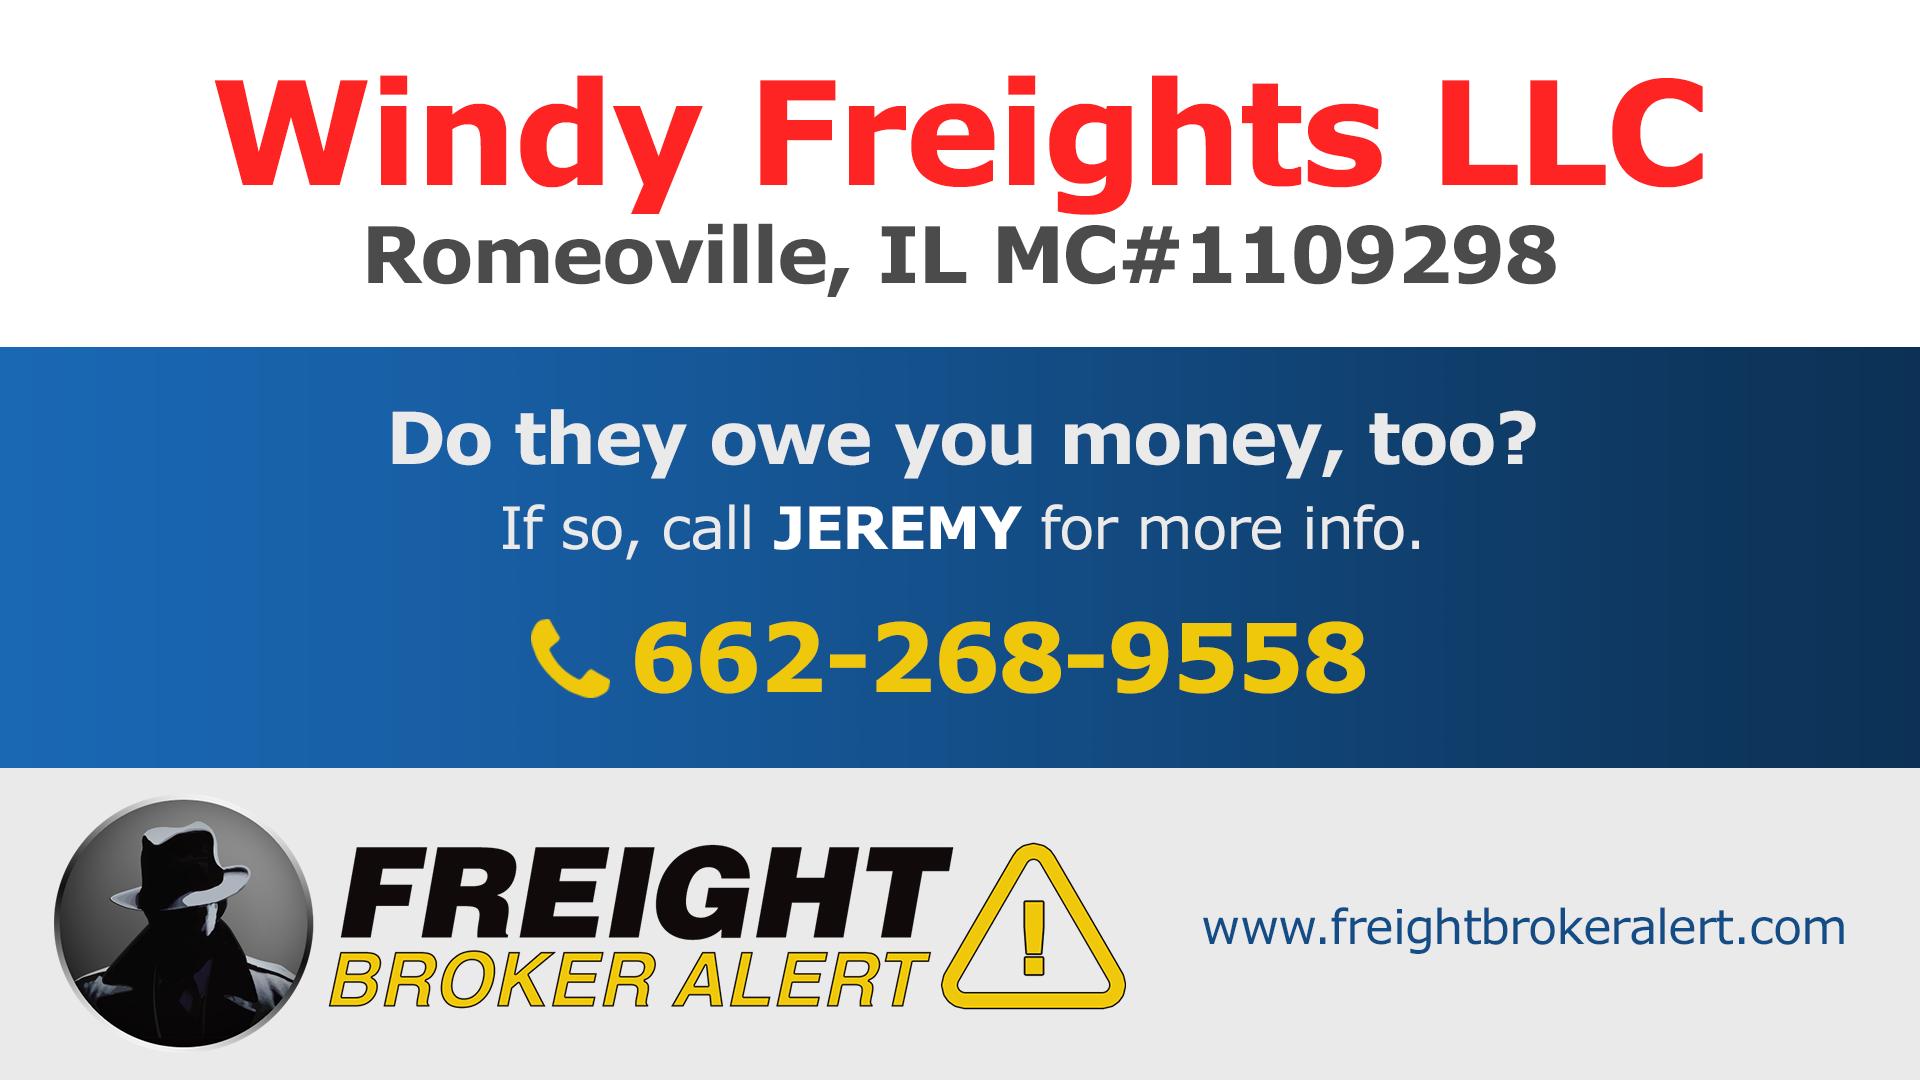 Windy Freights LLC Illinois